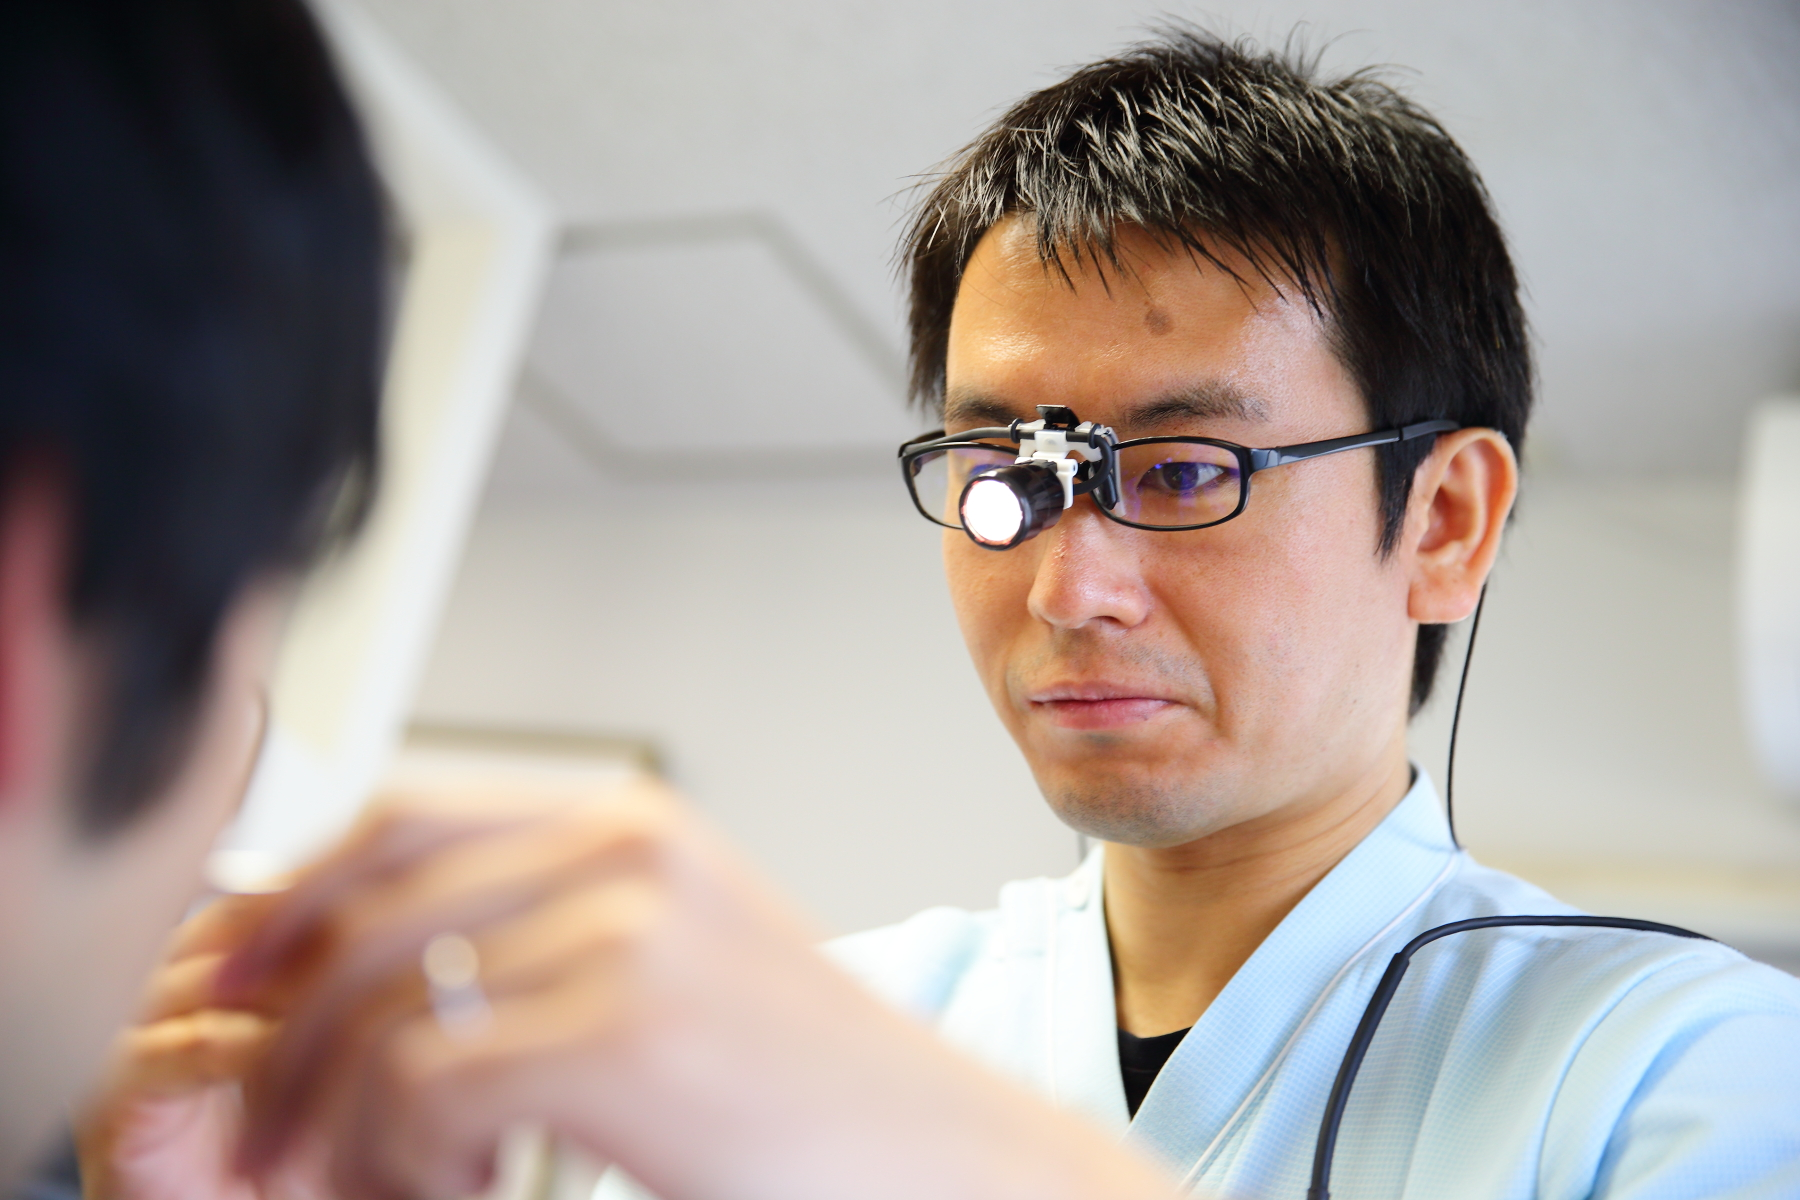 医院での診療は、処置やお薬の処方が中心です。